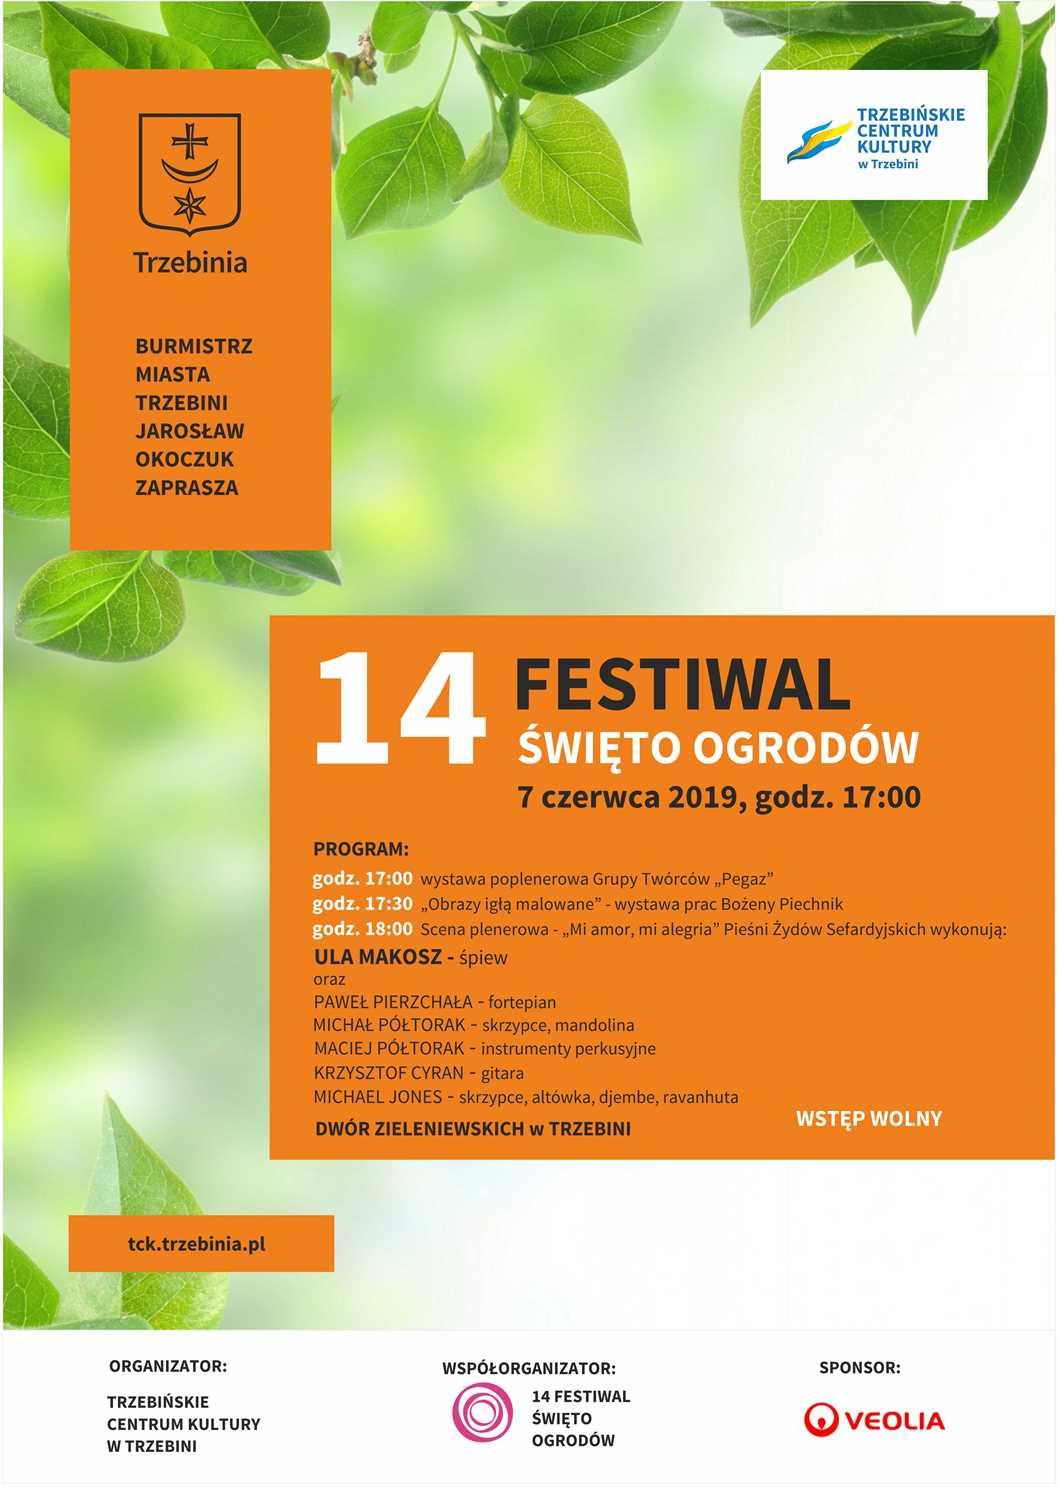 14. Festiwal Święto Ogrodów